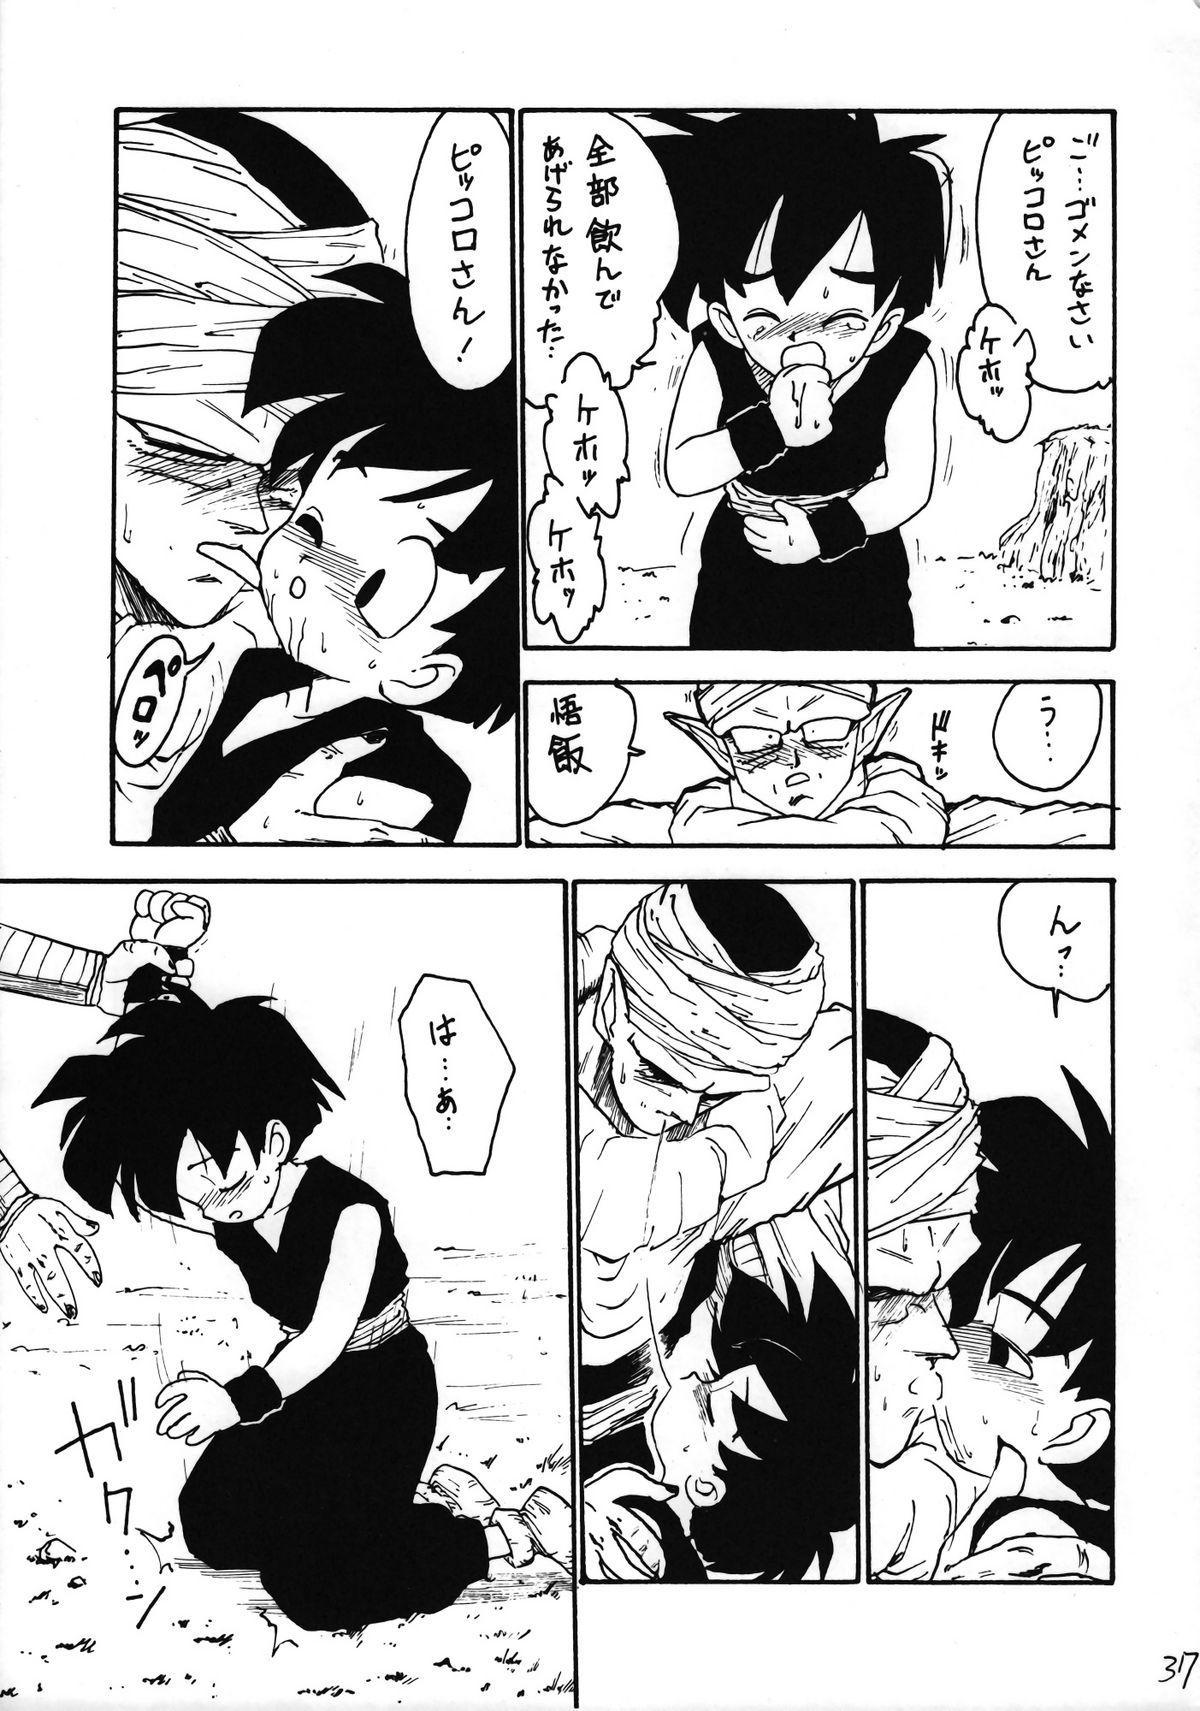 Ikenai! Otokonoko Hon Boy's H Book 2 37